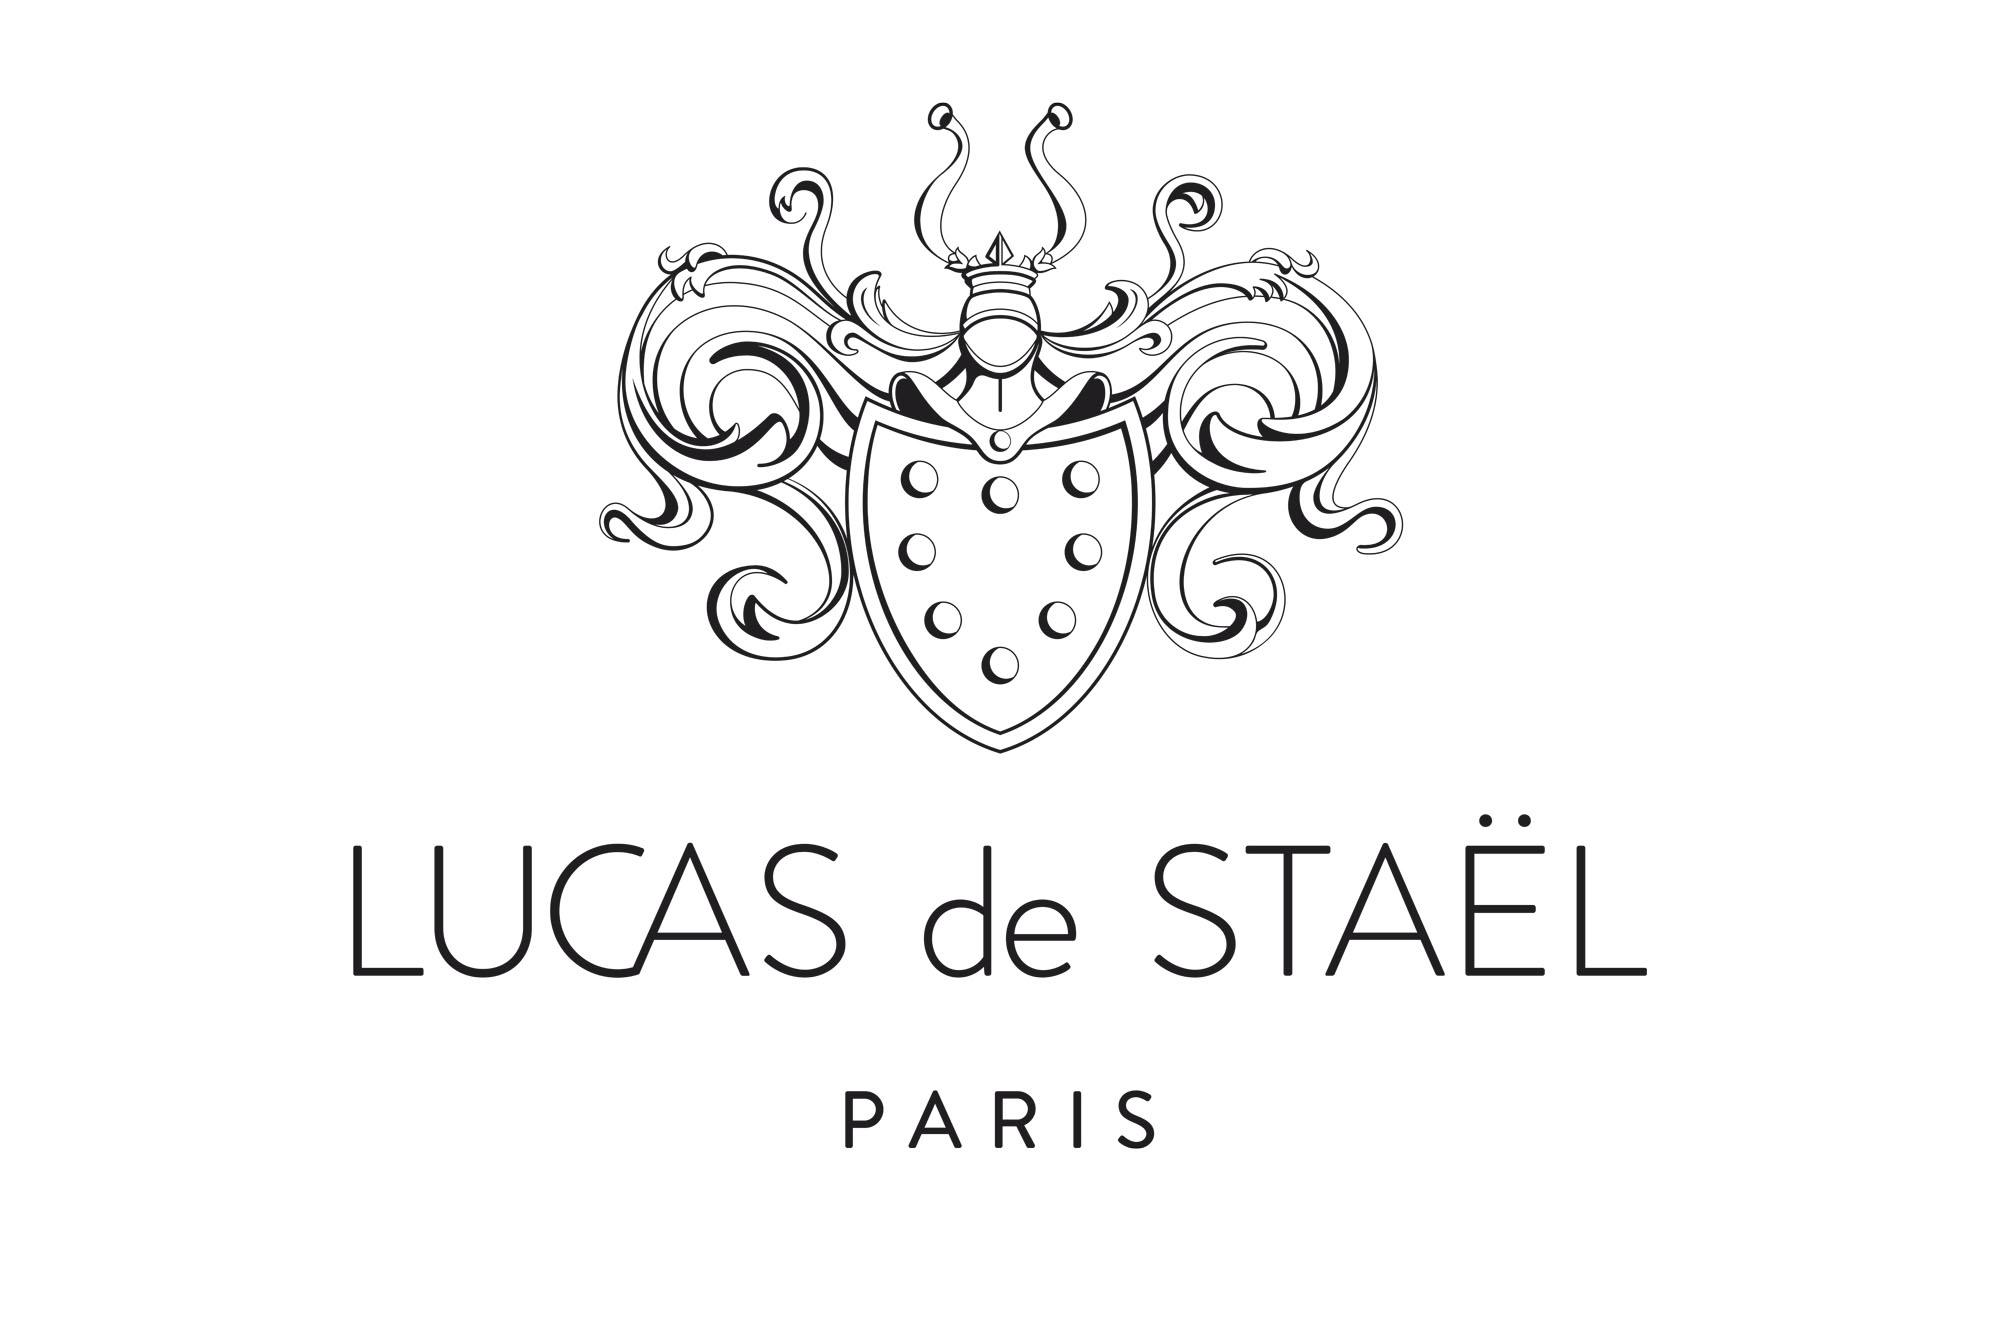 Lucas de Staël - Paris